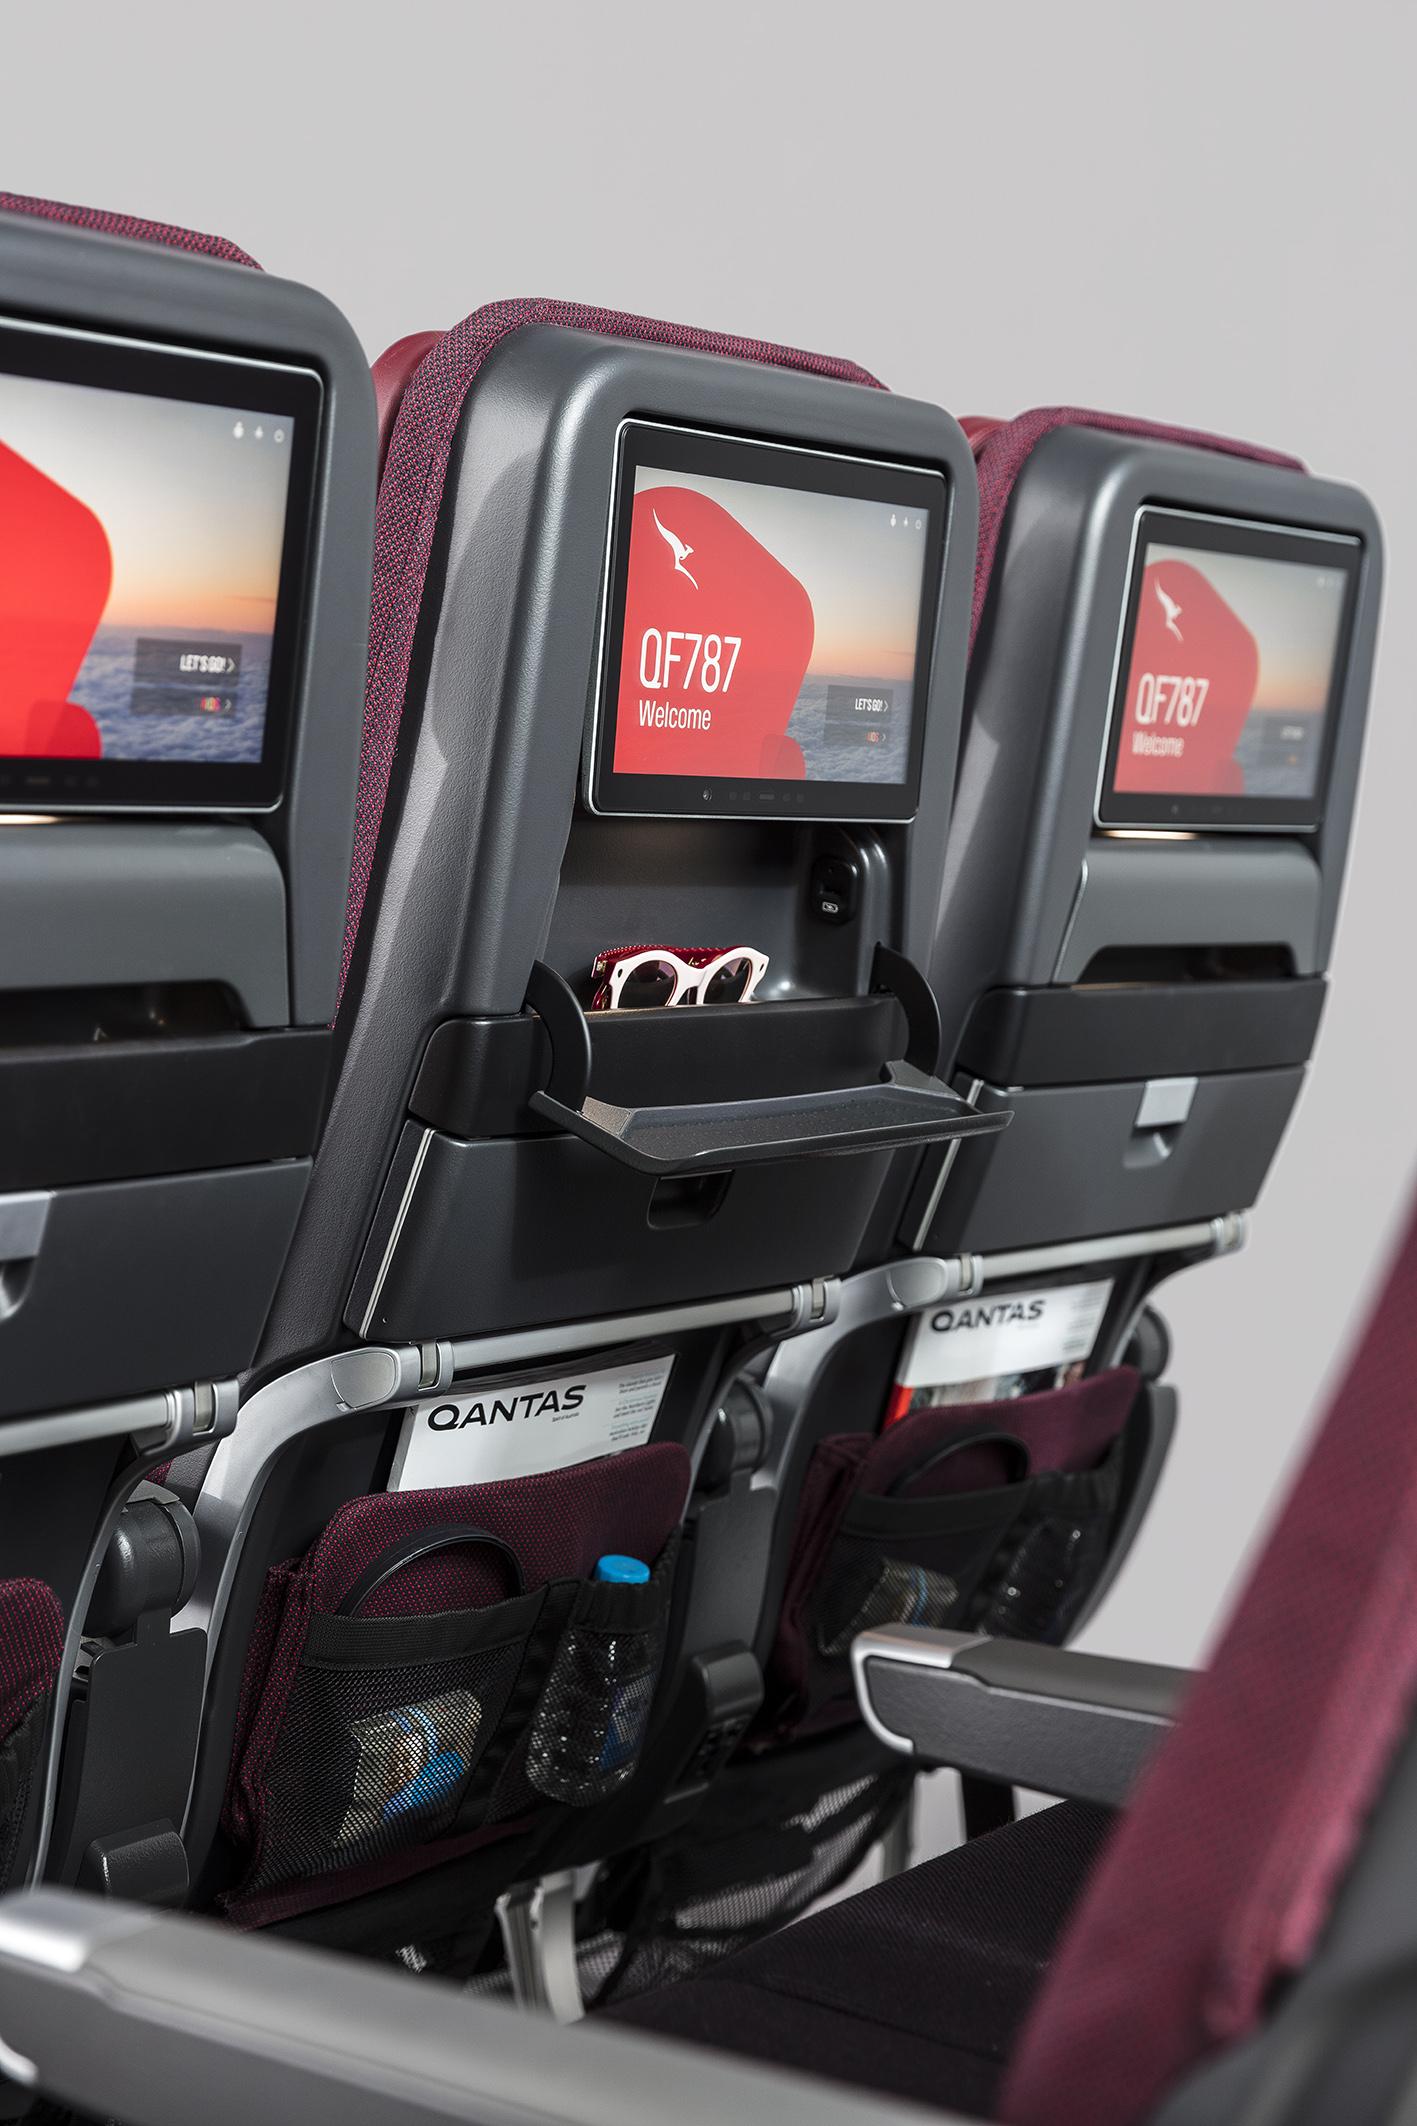 Caon_QF Seats_0A8A7803_RT_DE.jpg